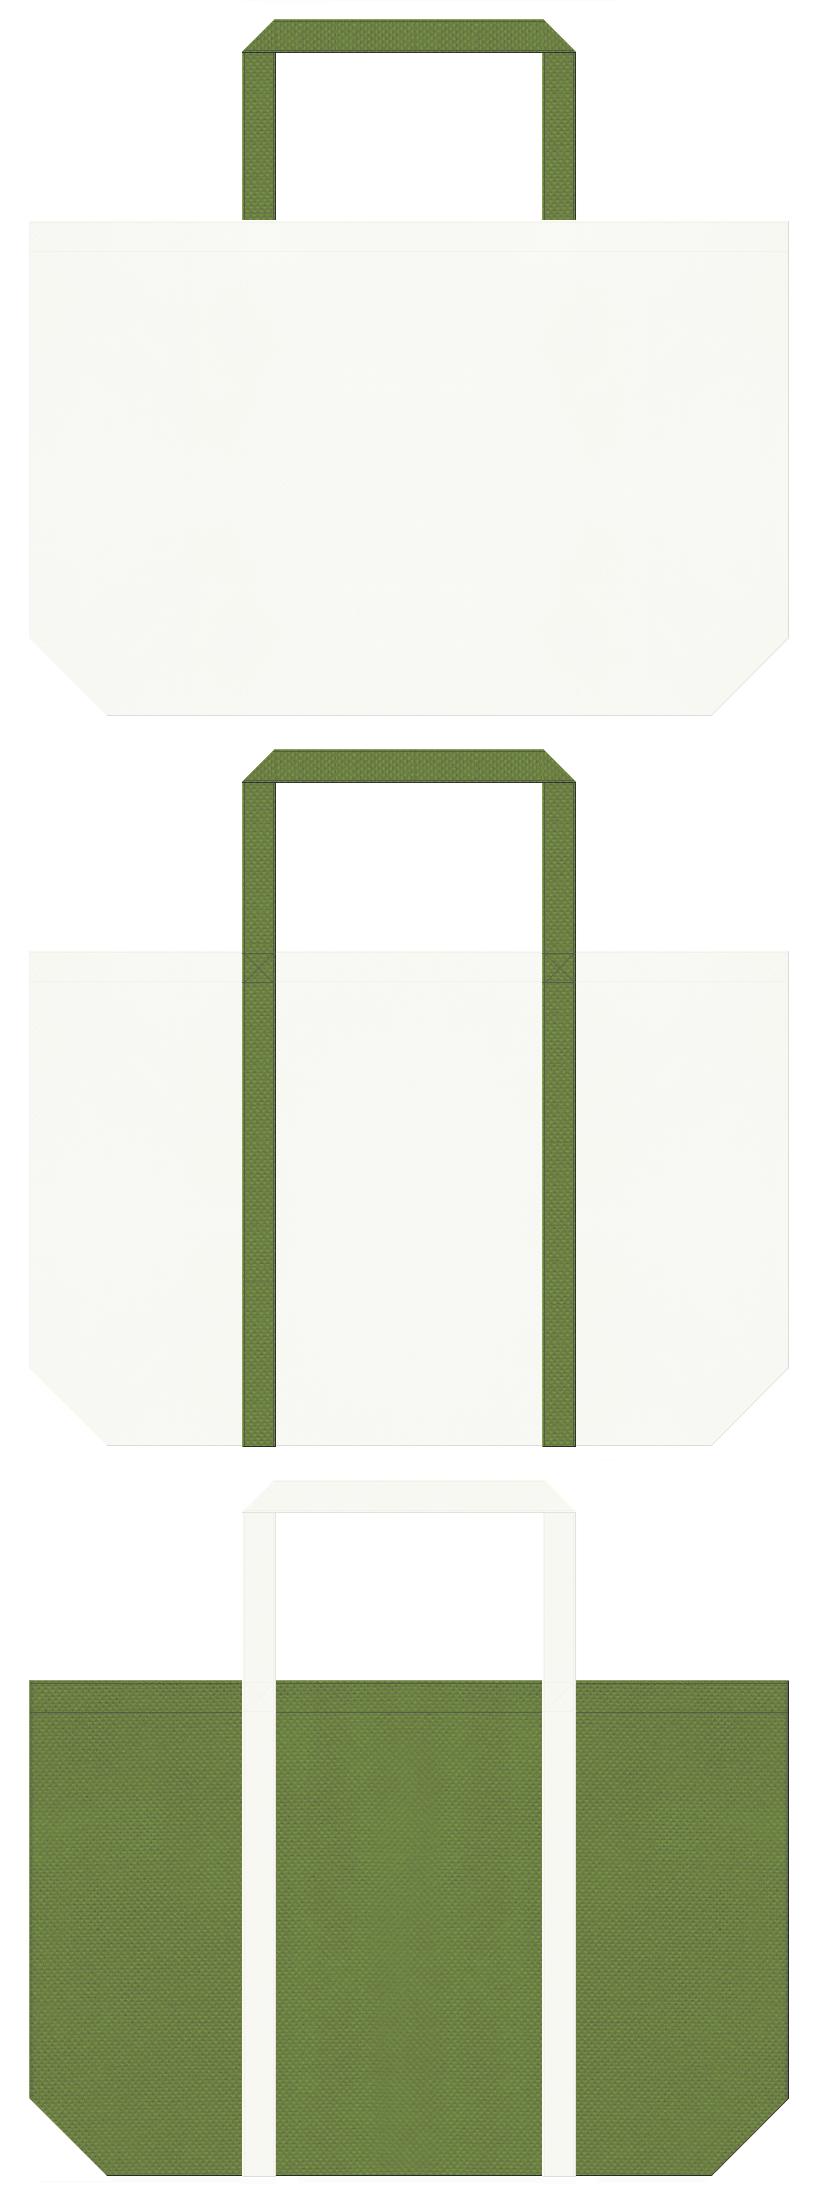 オフホワイト色と草色の不織布バッグデザイン。和菓子の保冷バッグやショッピングバッグにお奨めです。柏餅風の配色です。